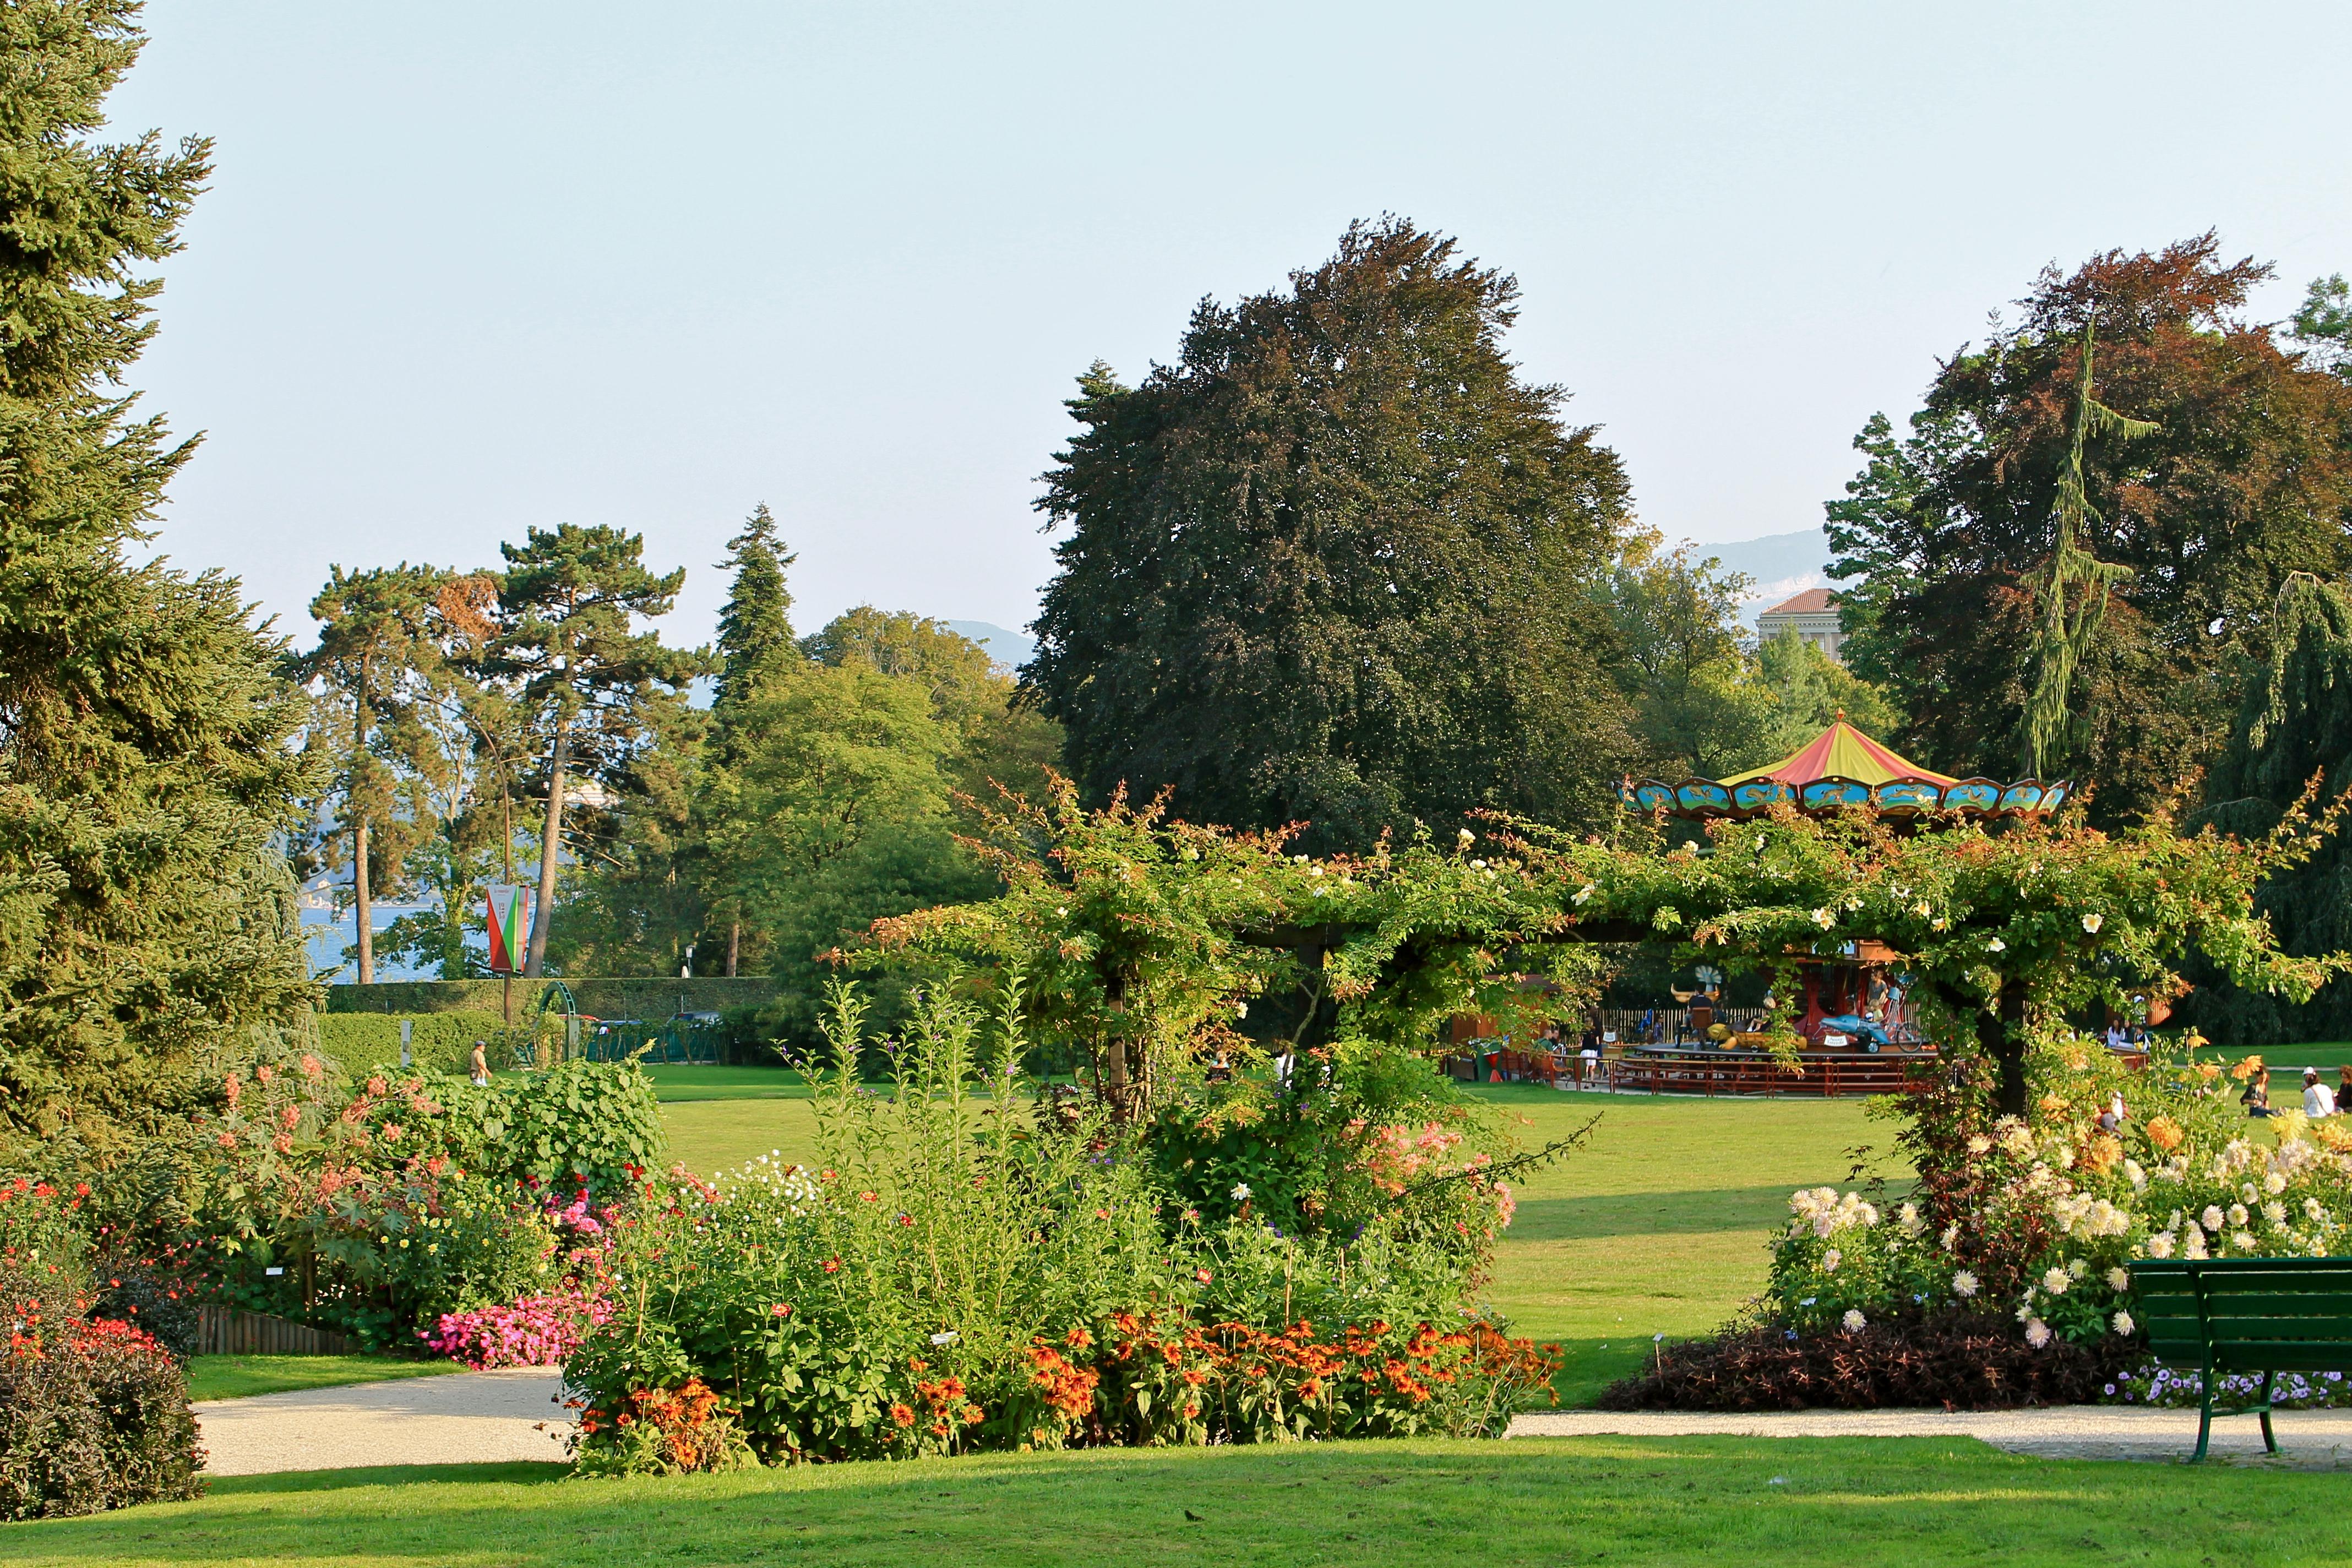 filegenve jardin botanique panoramiojpg - Jardin Botanique Geneve